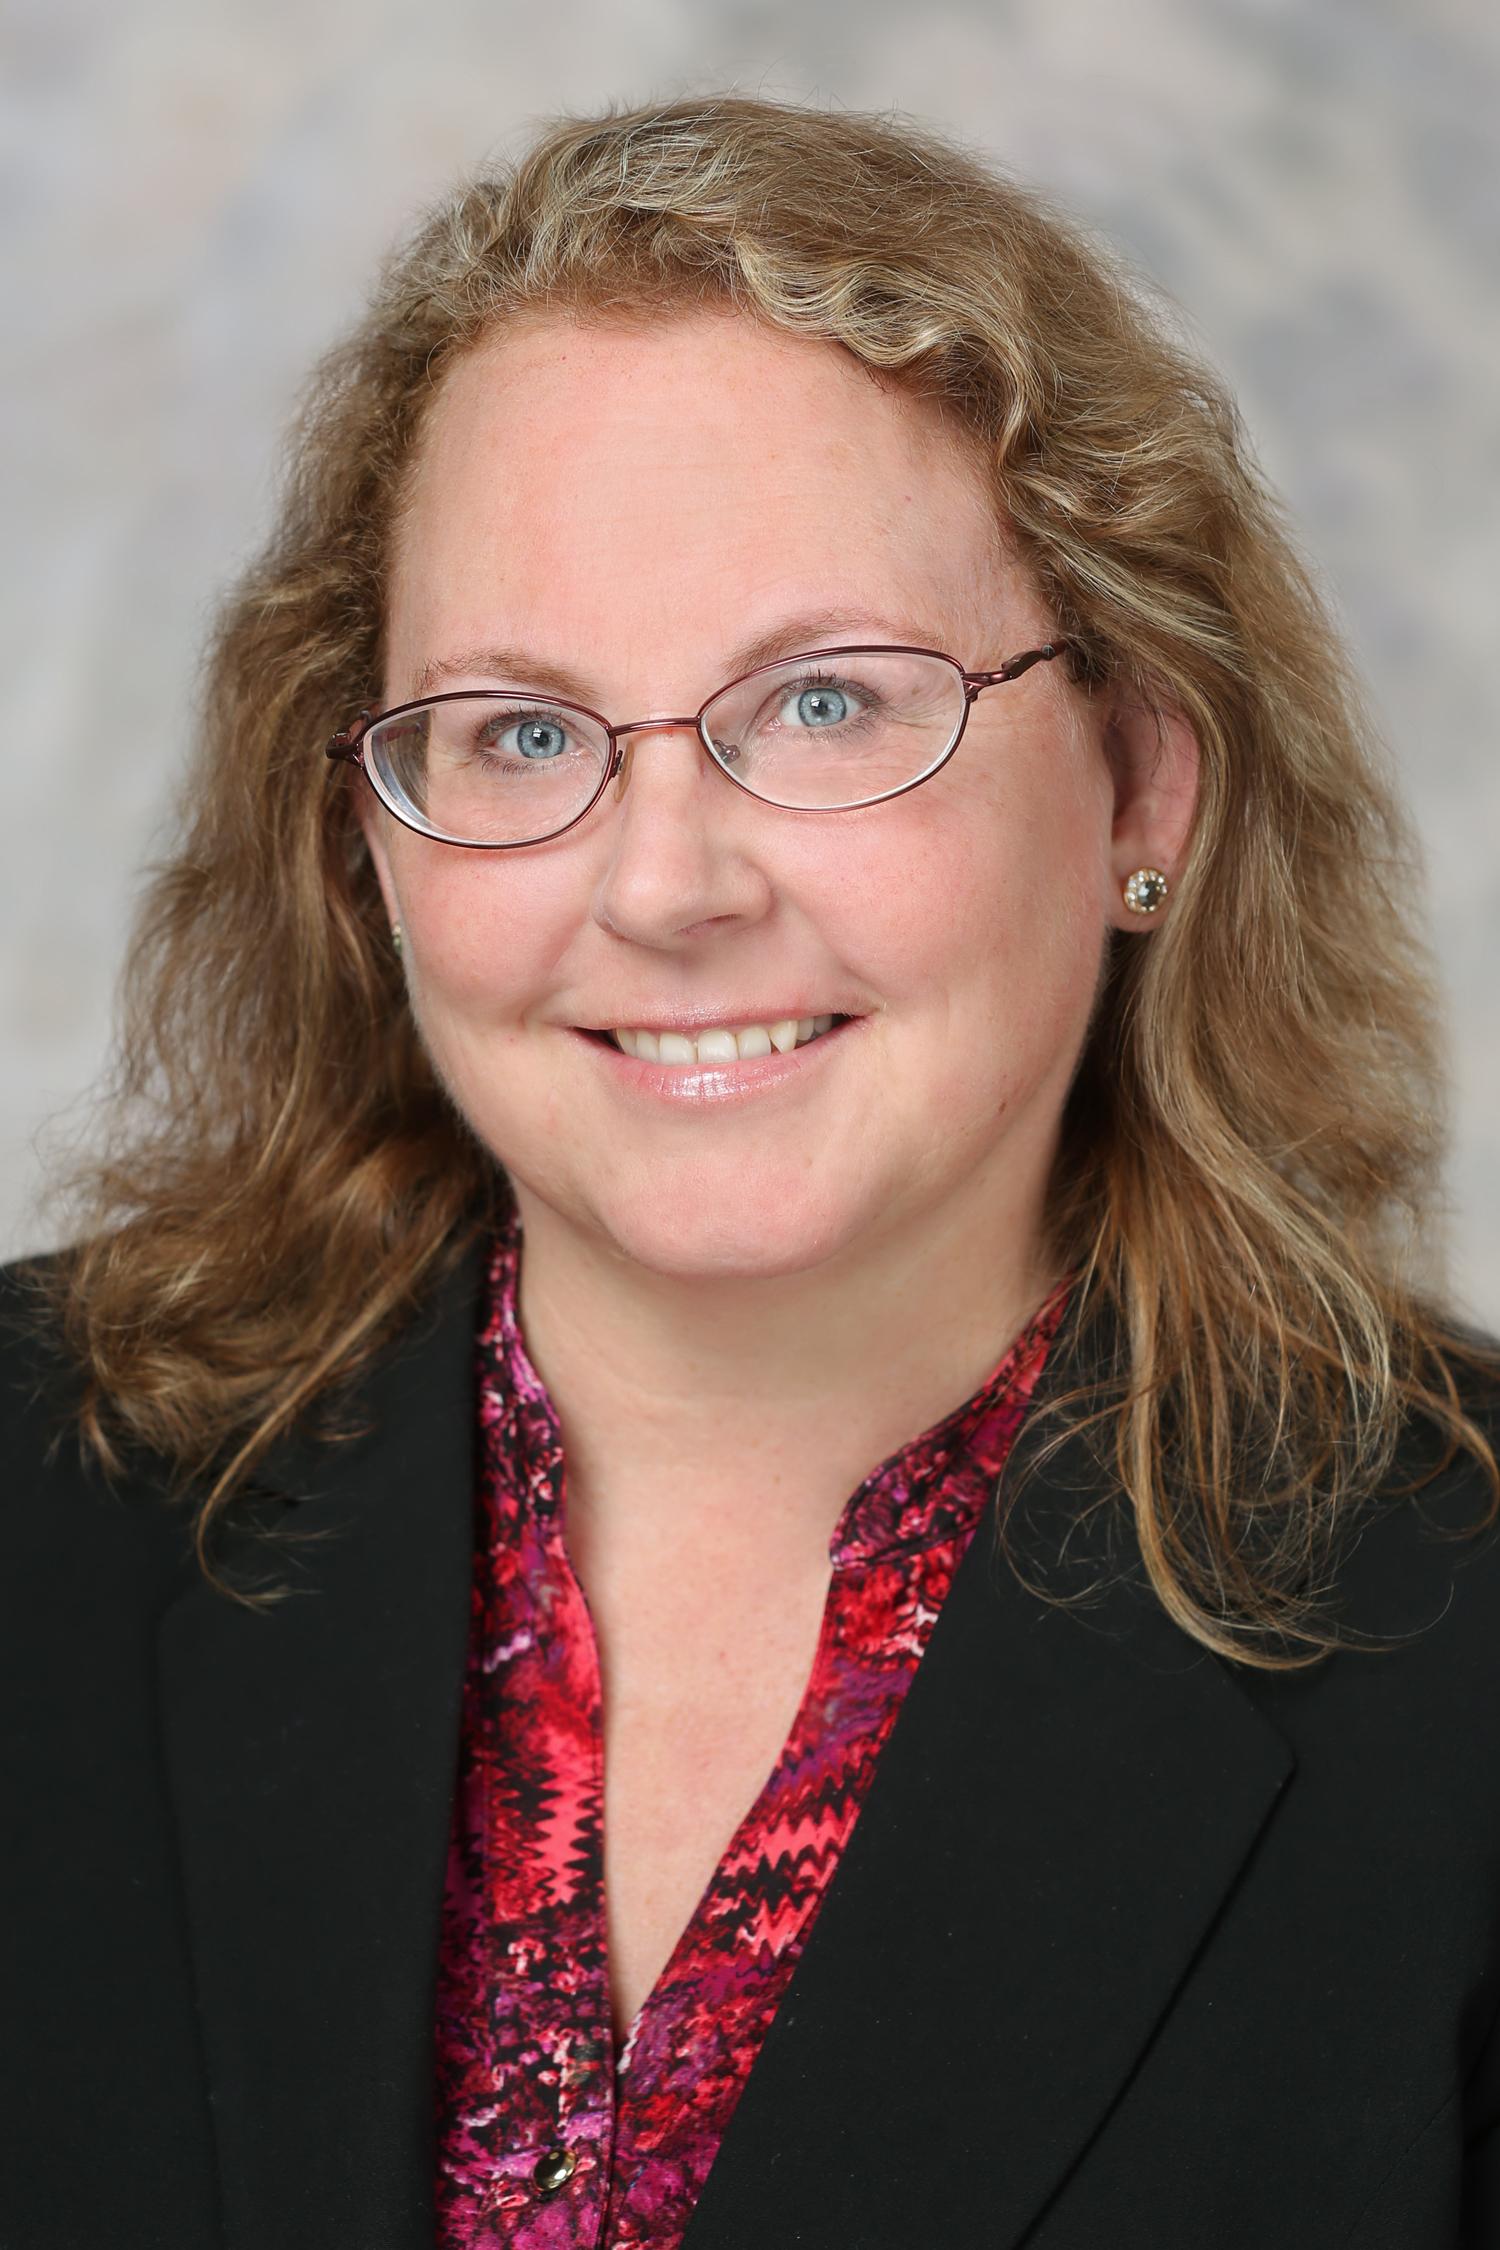 Kelly Titus